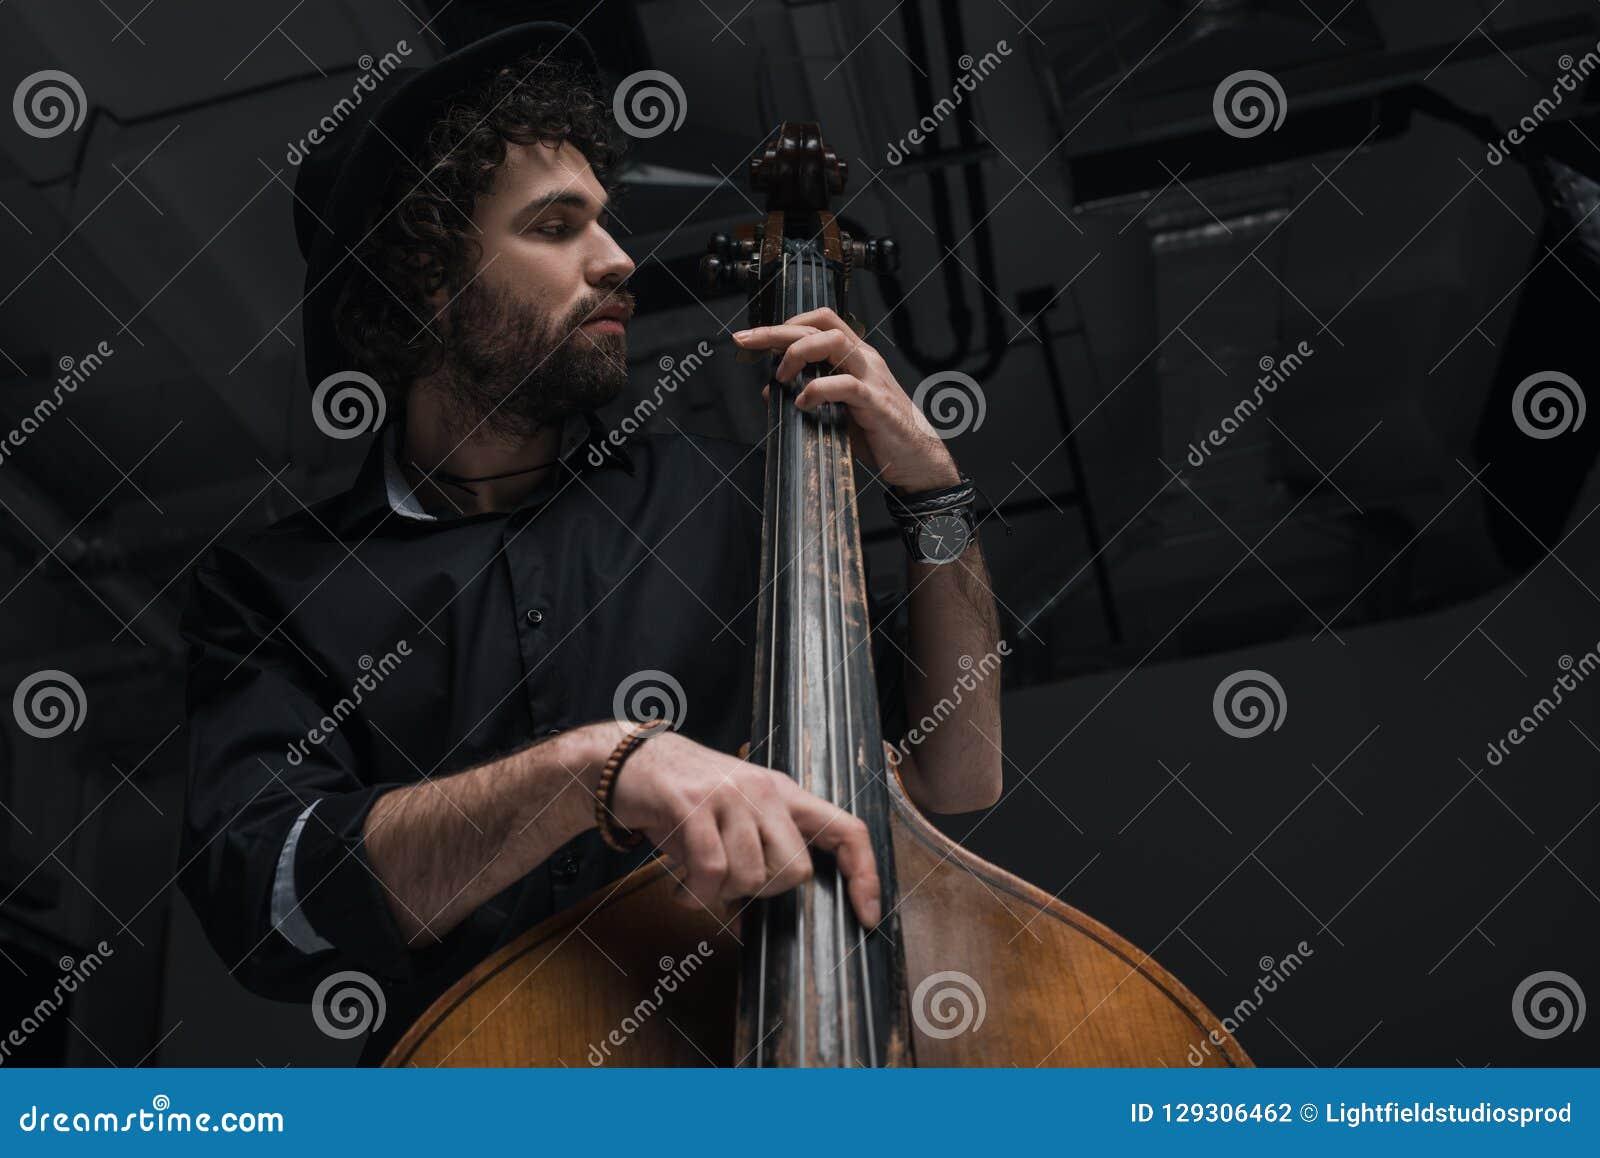 нижний взгляд молодого красивого музыканта